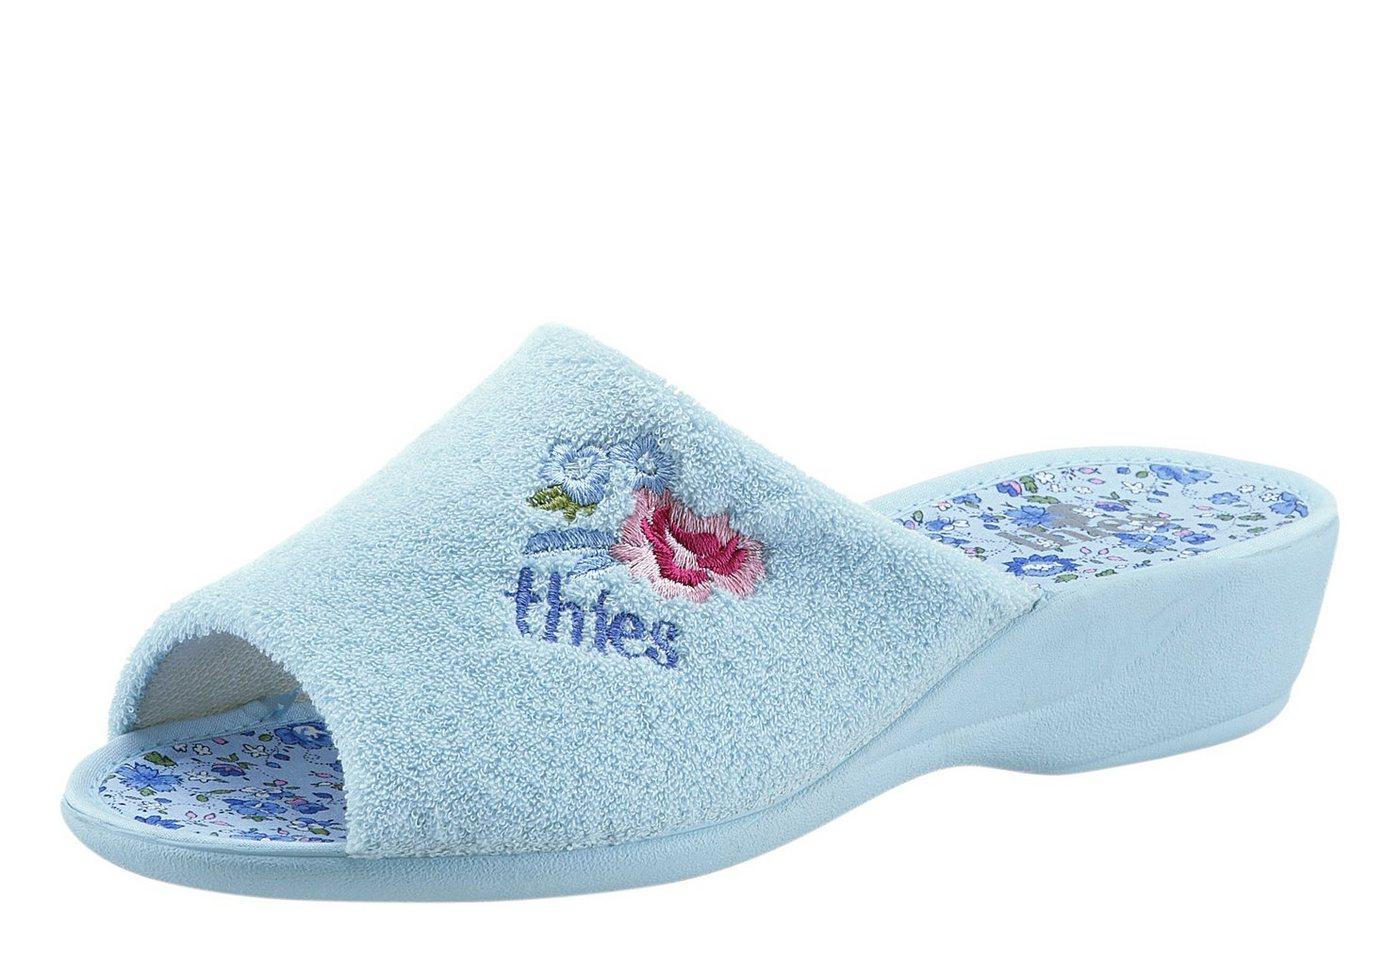 Thies Pantoffel mit bestickter Blumen-Applikation   Schuhe > Hausschuhe > Pantoffeln   Blau   Classic